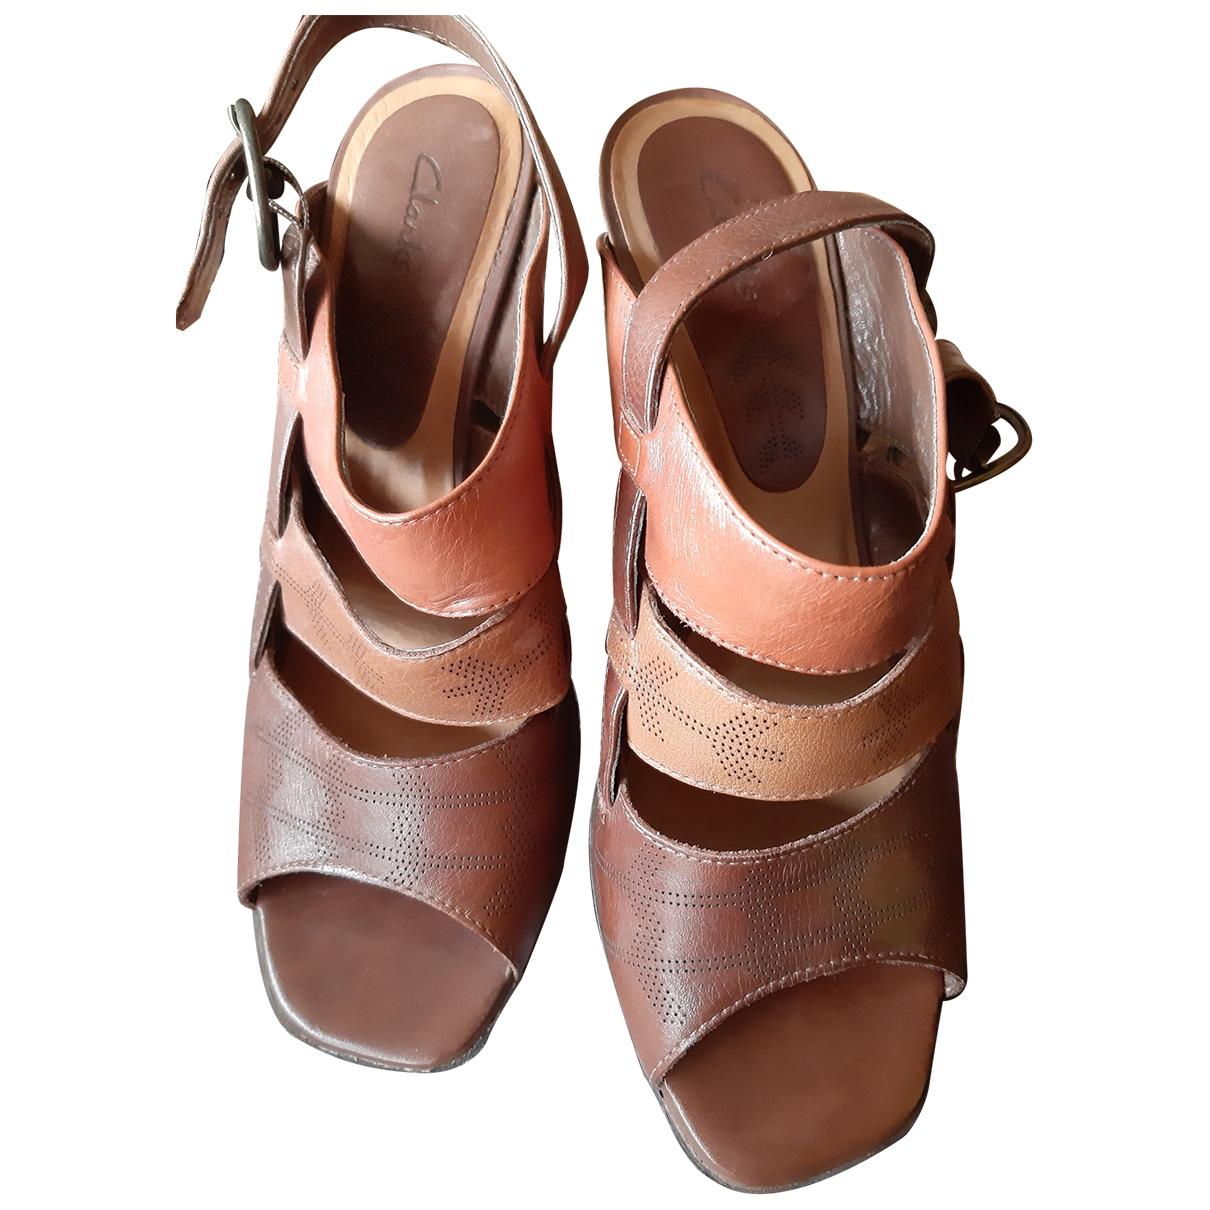 Clarks - Sandales   pour femme en cuir - marron